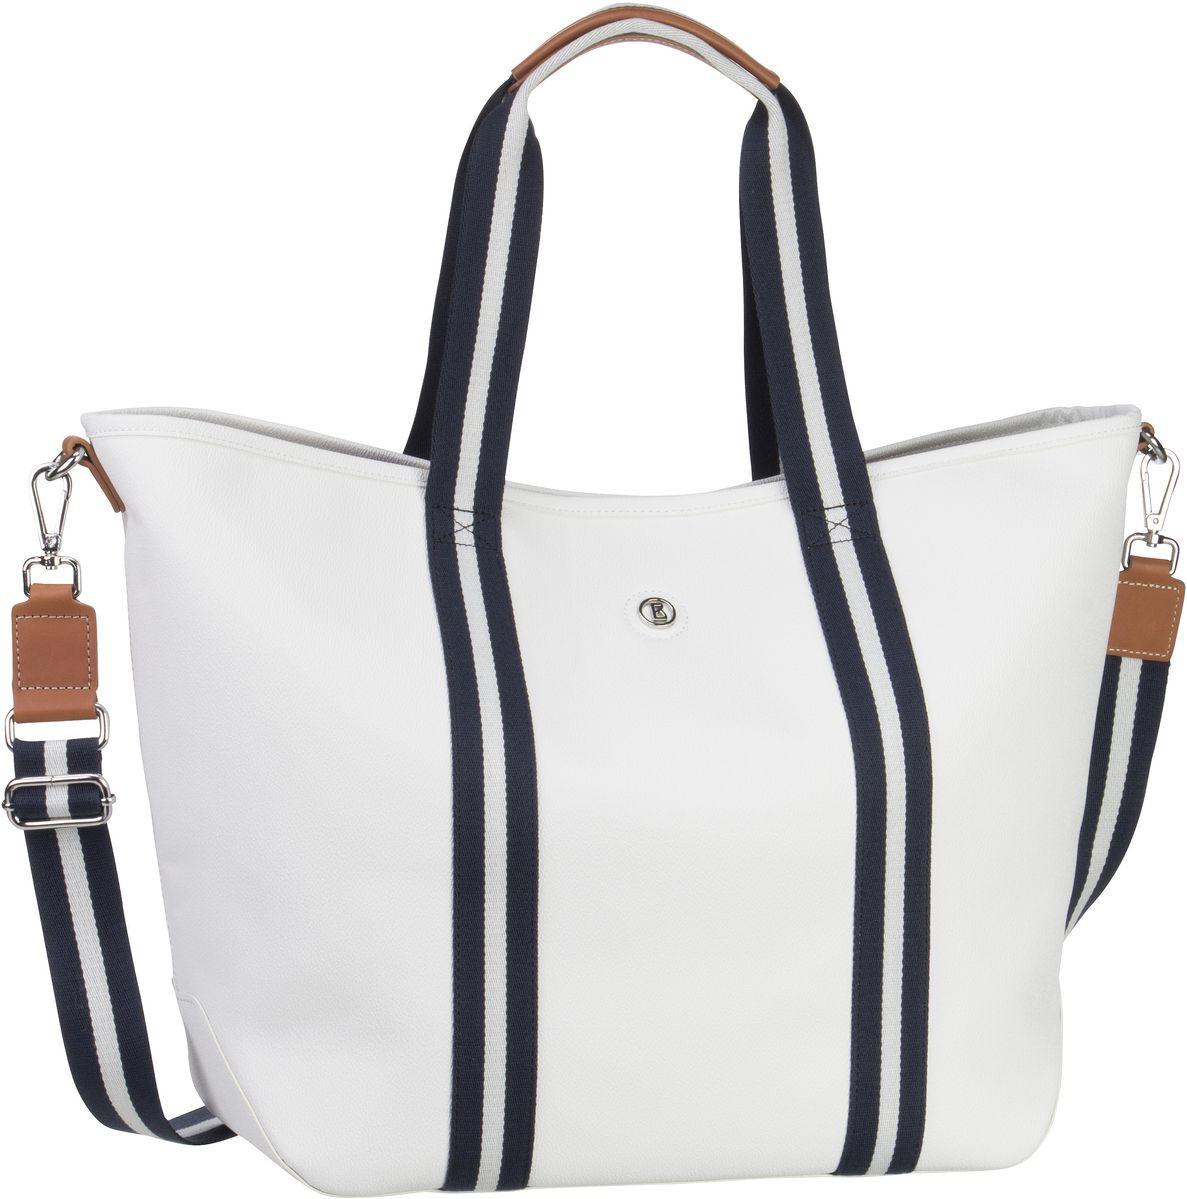 Handtaschen für Frauen - Bogner Long Island Lala Milk (innen Multi) Handtasche  - Onlineshop Taschenkaufhaus